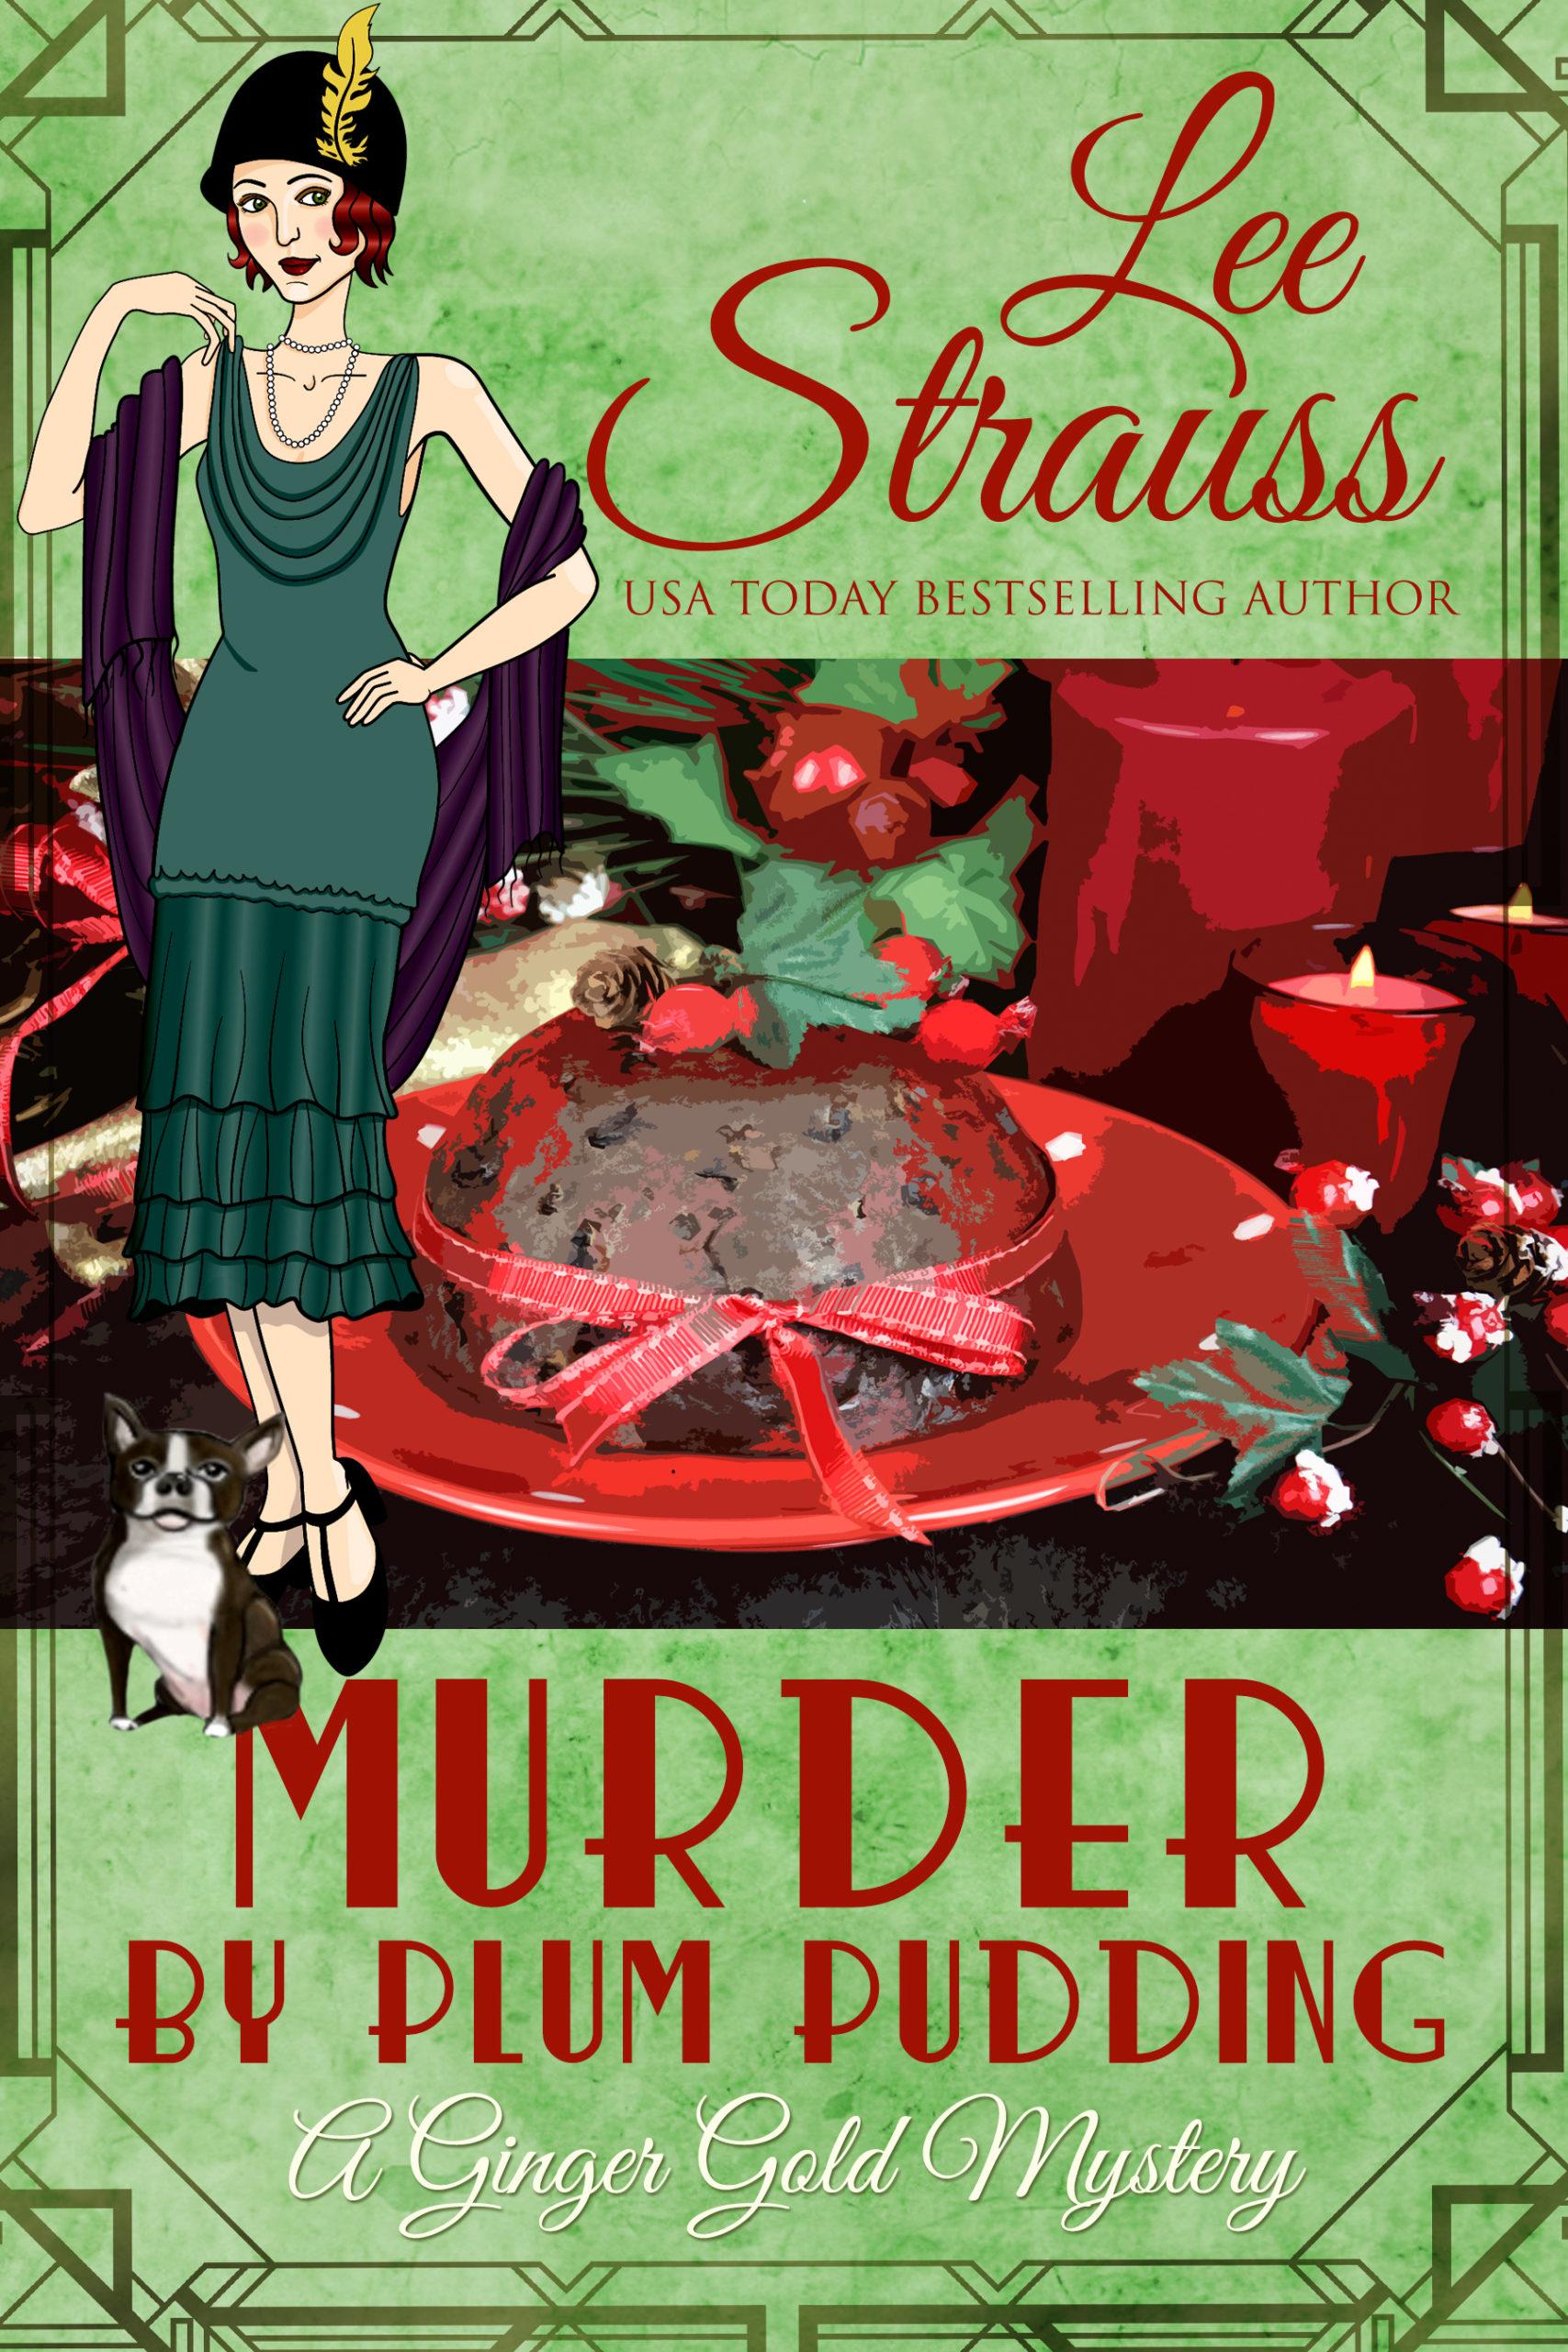 MurderPlumPudding_1920s